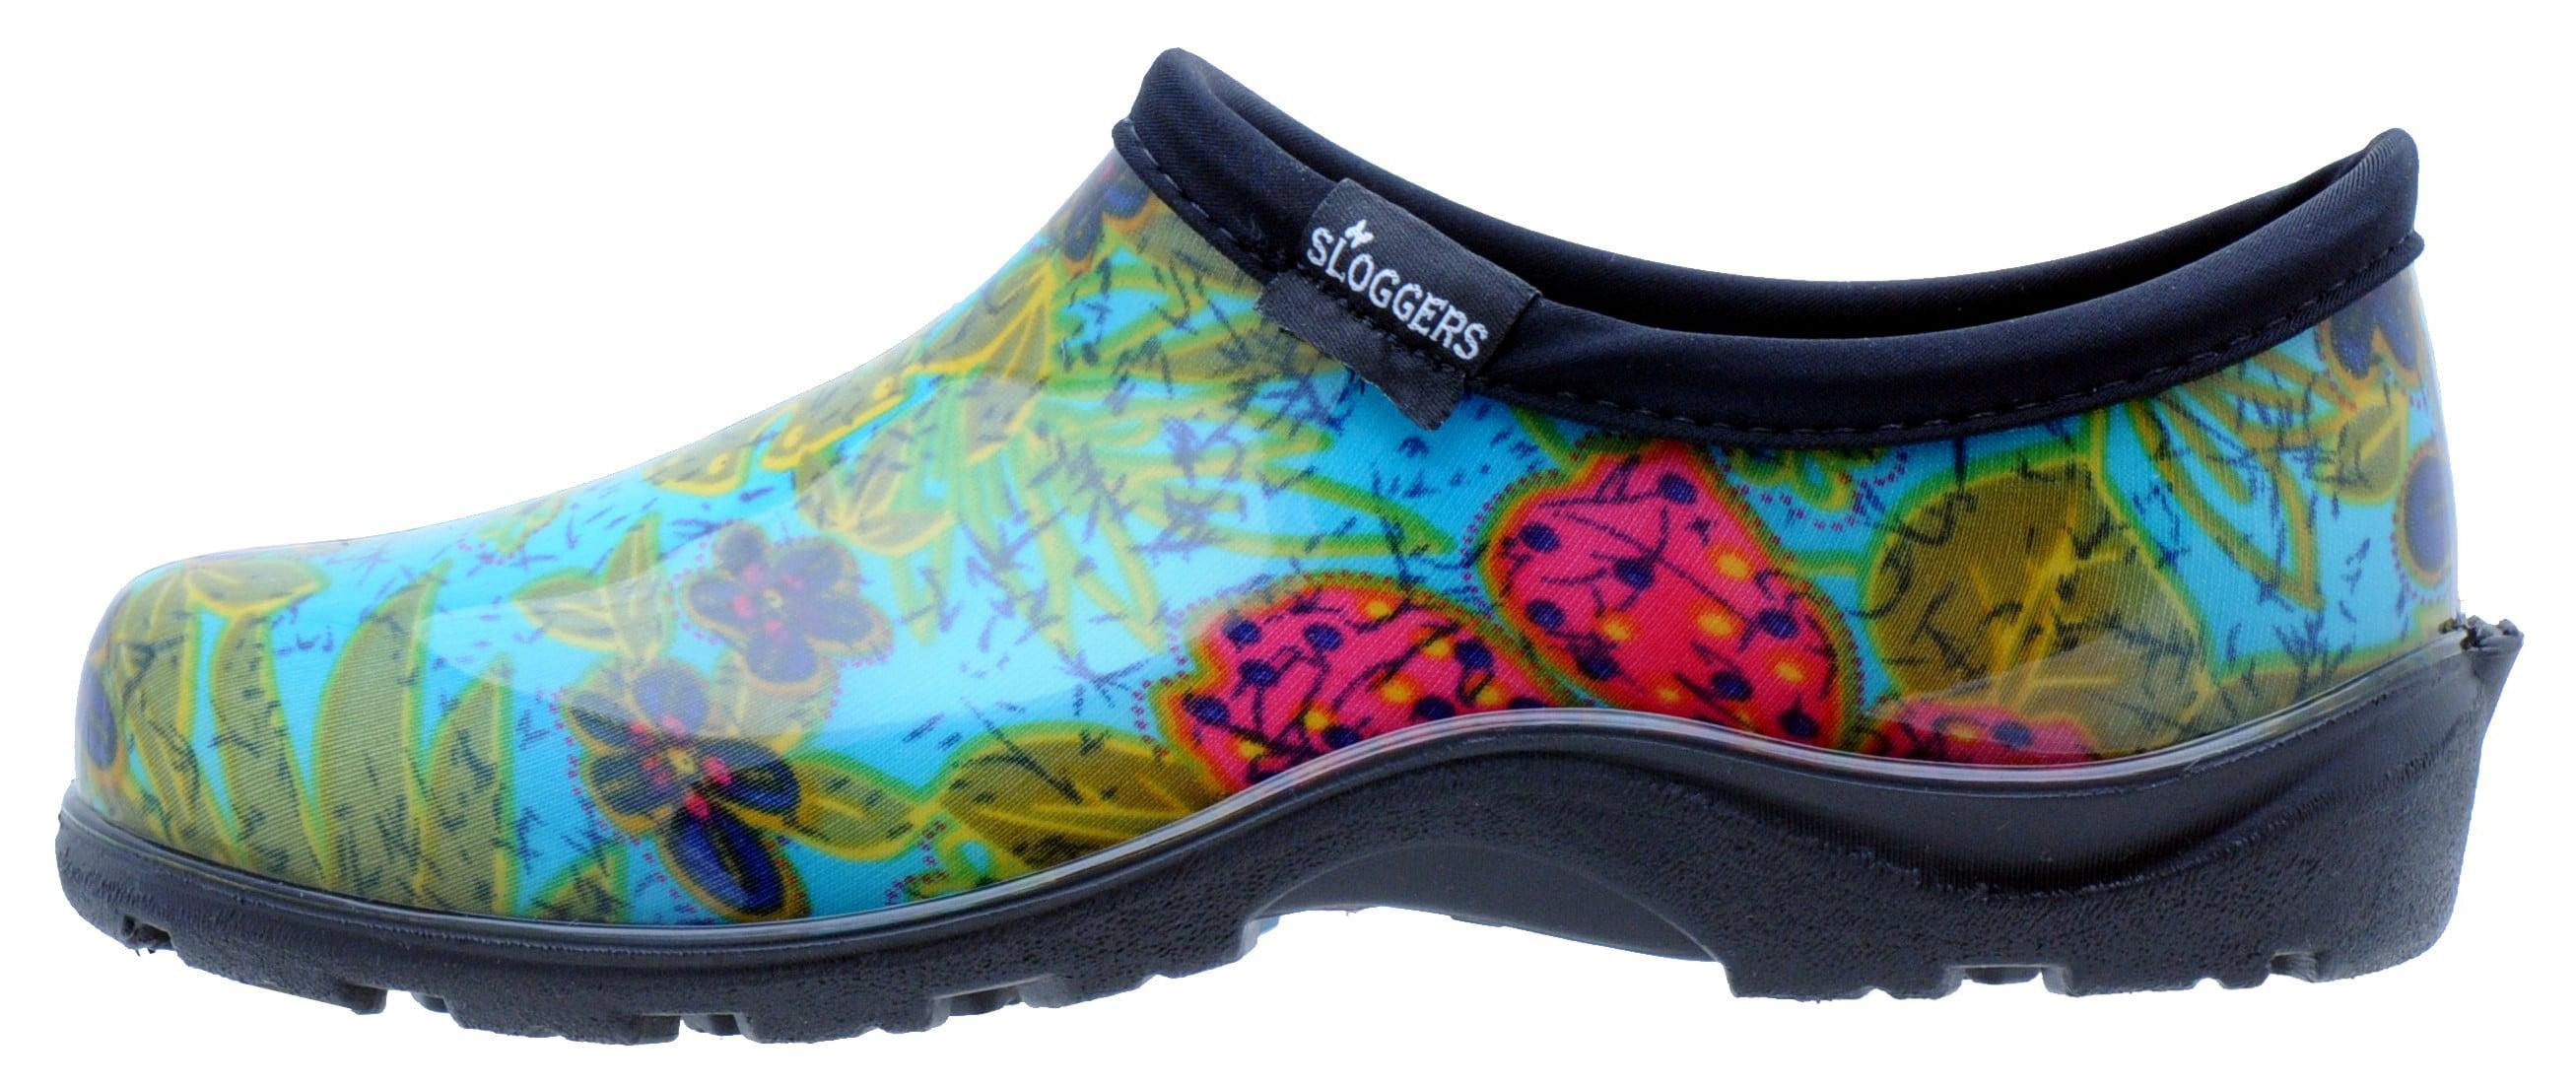 Sloggers Women\'s Sloggers Waterproof Rain Shoes - Walmart.com